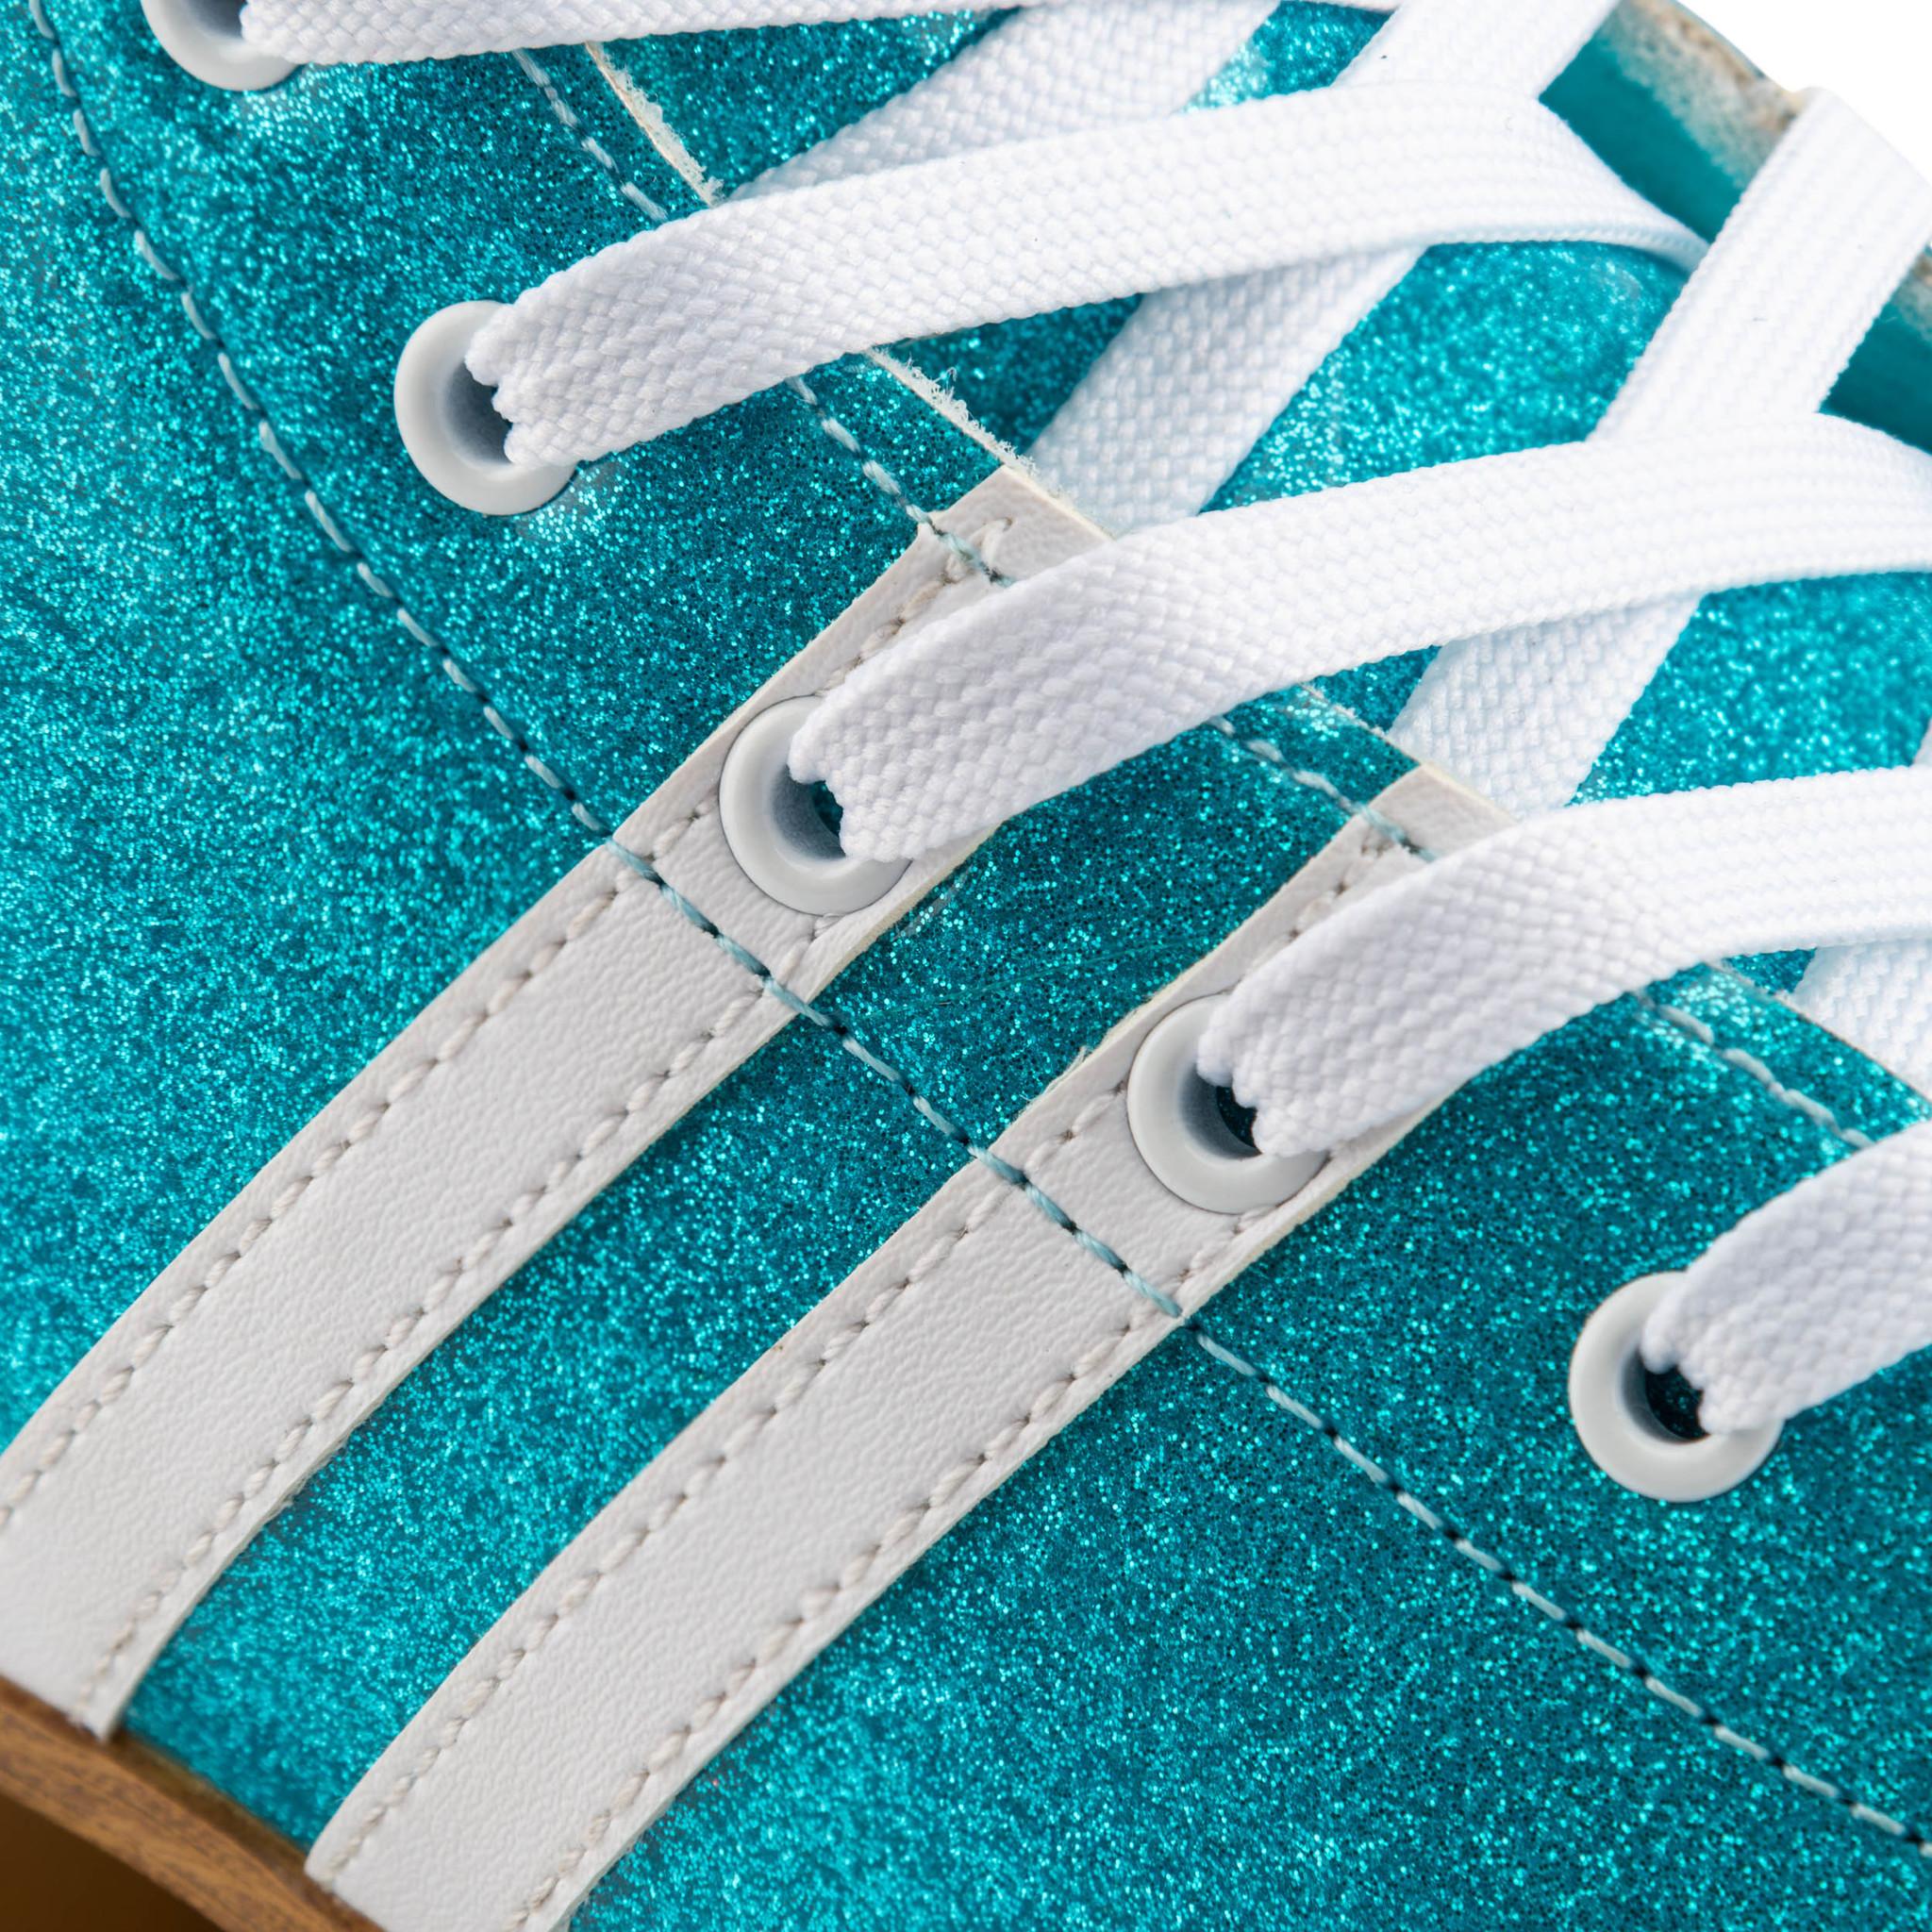 Ролики Квады Osprey Quad с высоким ботинком, голубые с глитером